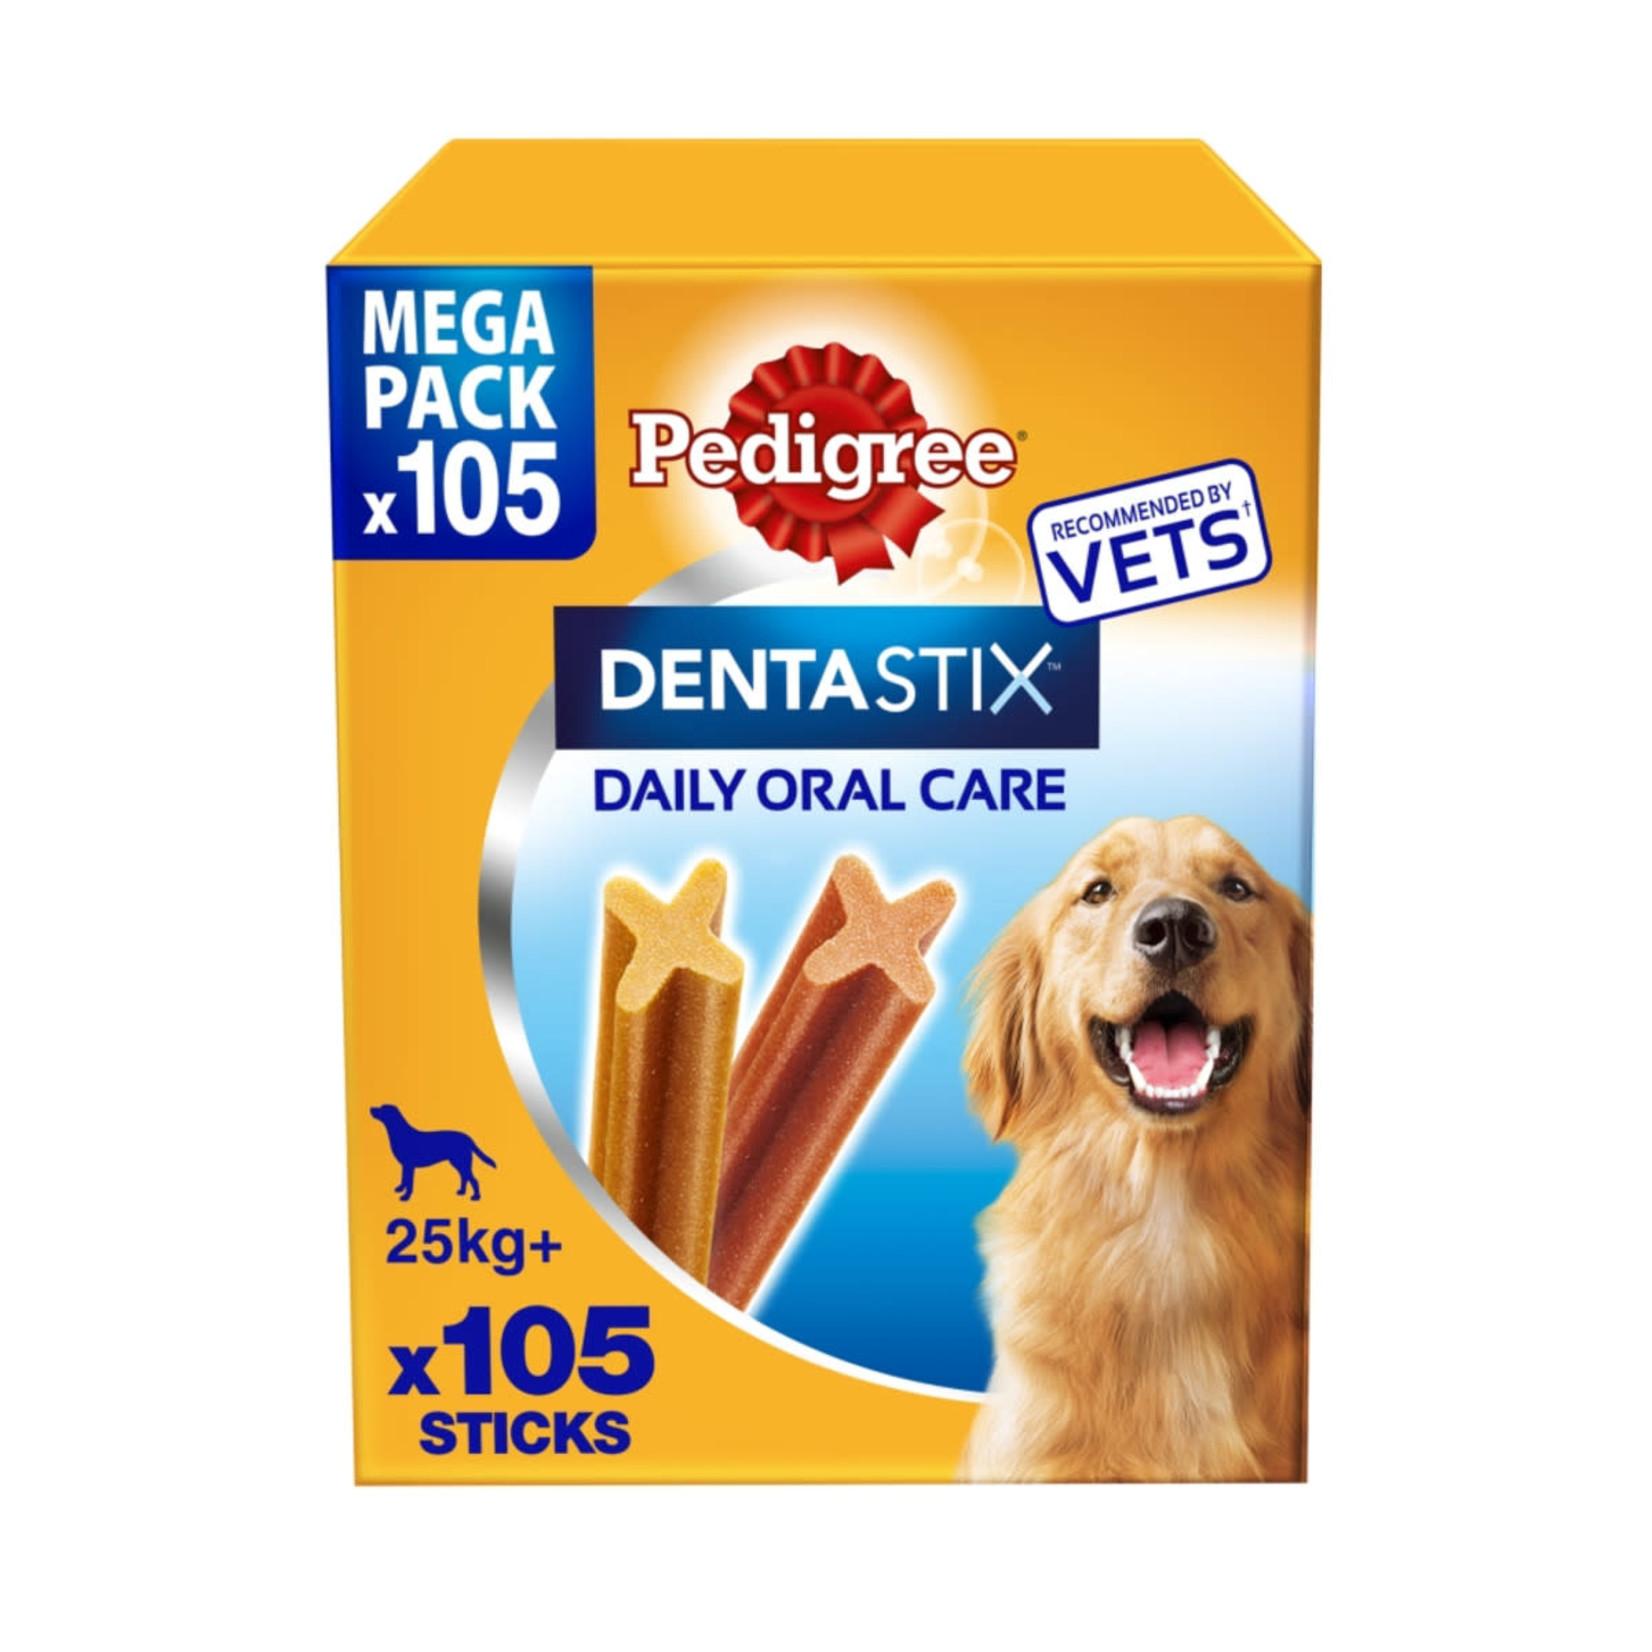 Pedigree Dentastix Daily Adult 1+ Dental Dog Chews, 105 Stick  Large  Dog 25+kg